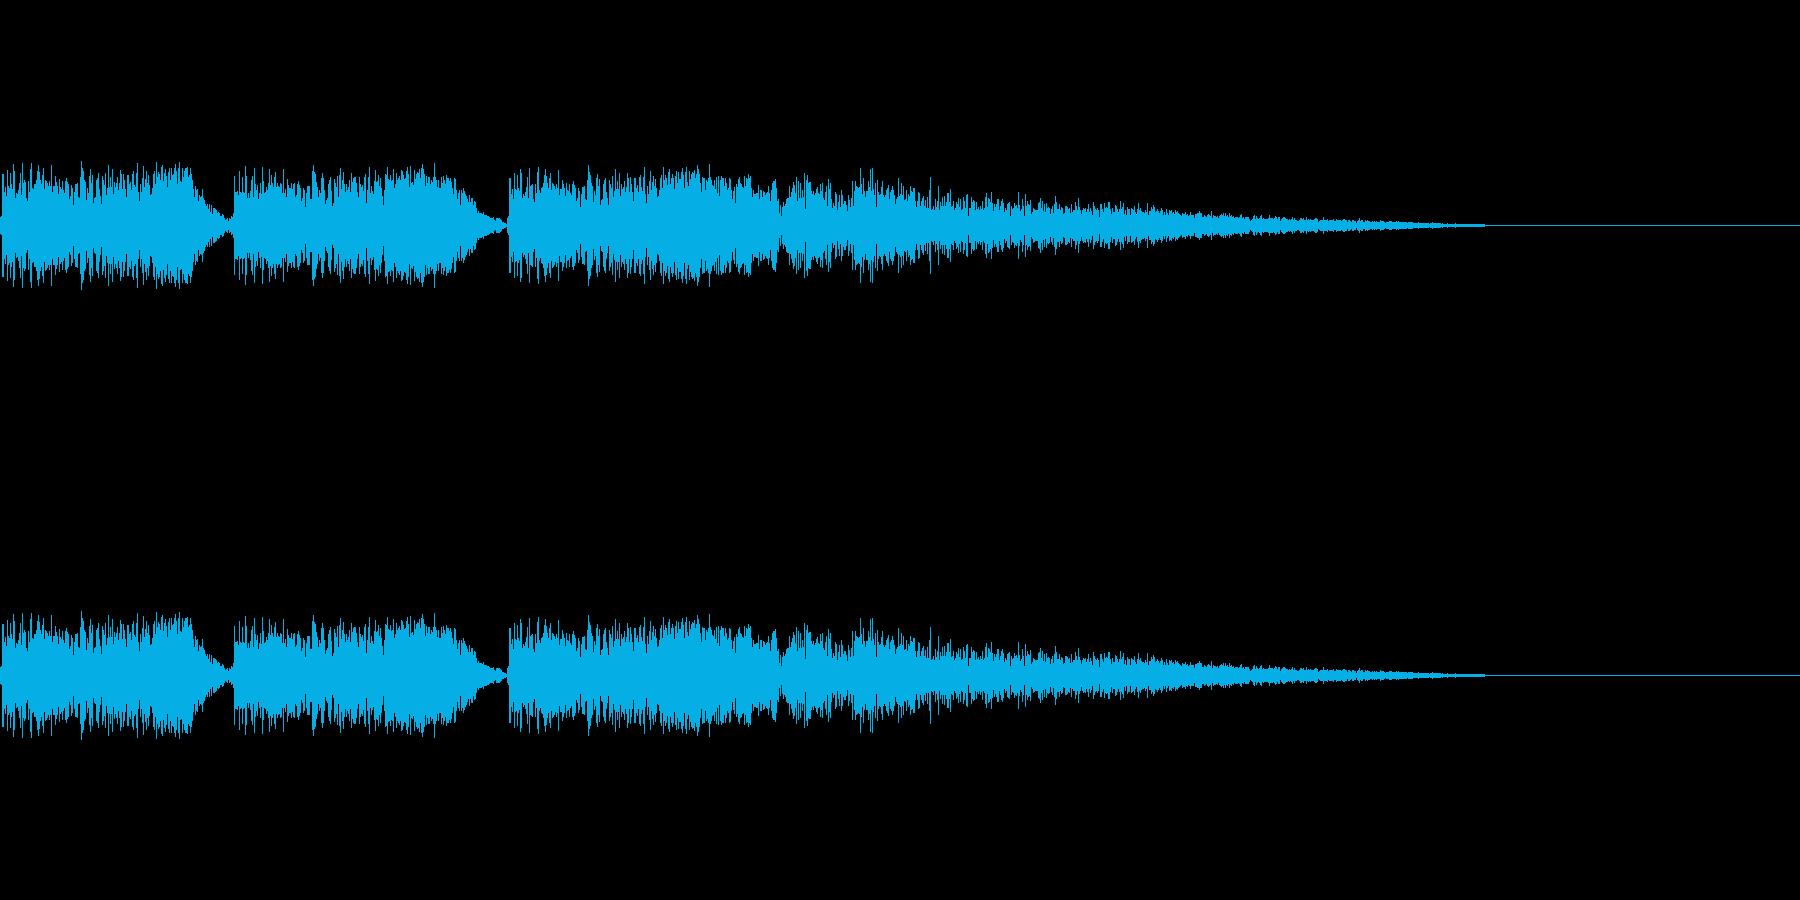 バキュンバキュンバキューン(銃を撃つ音)の再生済みの波形